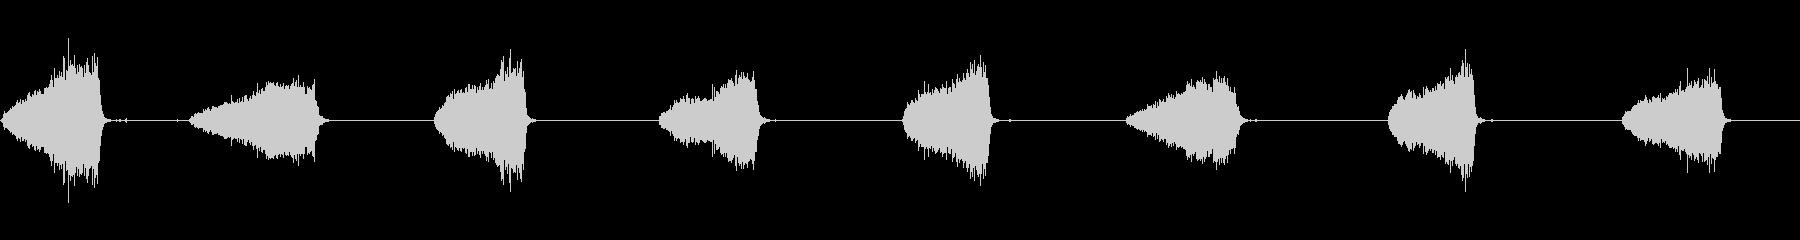 ストローブルーム:コンクリートクリ...の未再生の波形